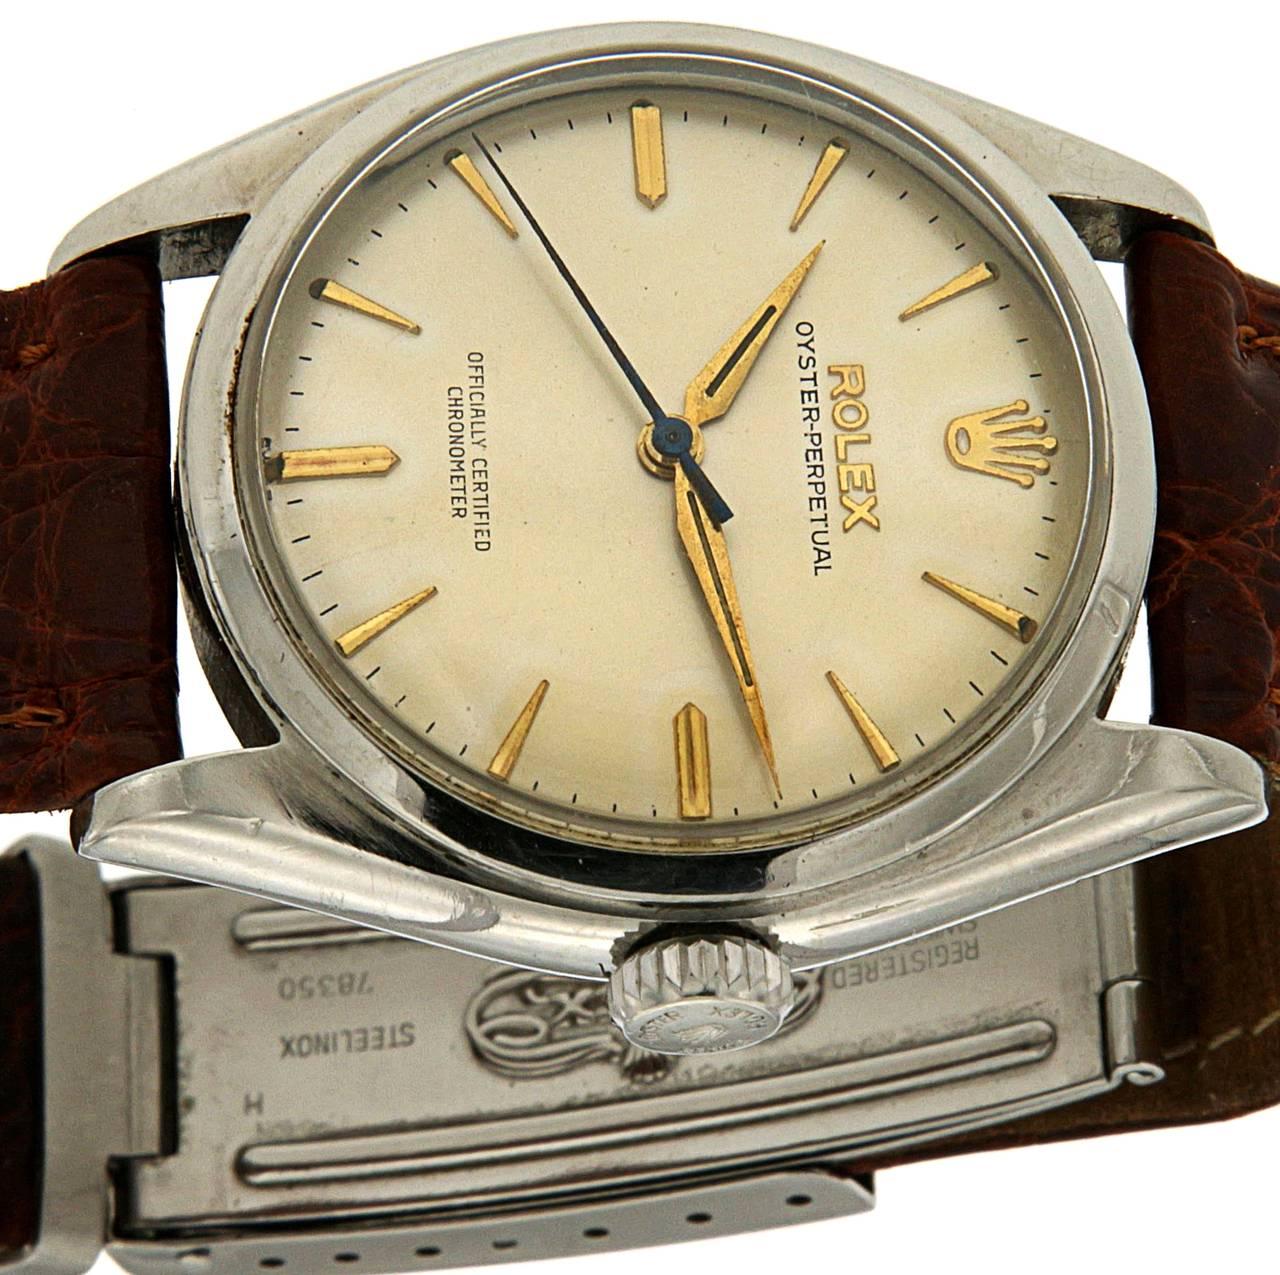 Rolex Stainless Steel Oyster Wristwatch Ref 6084 3